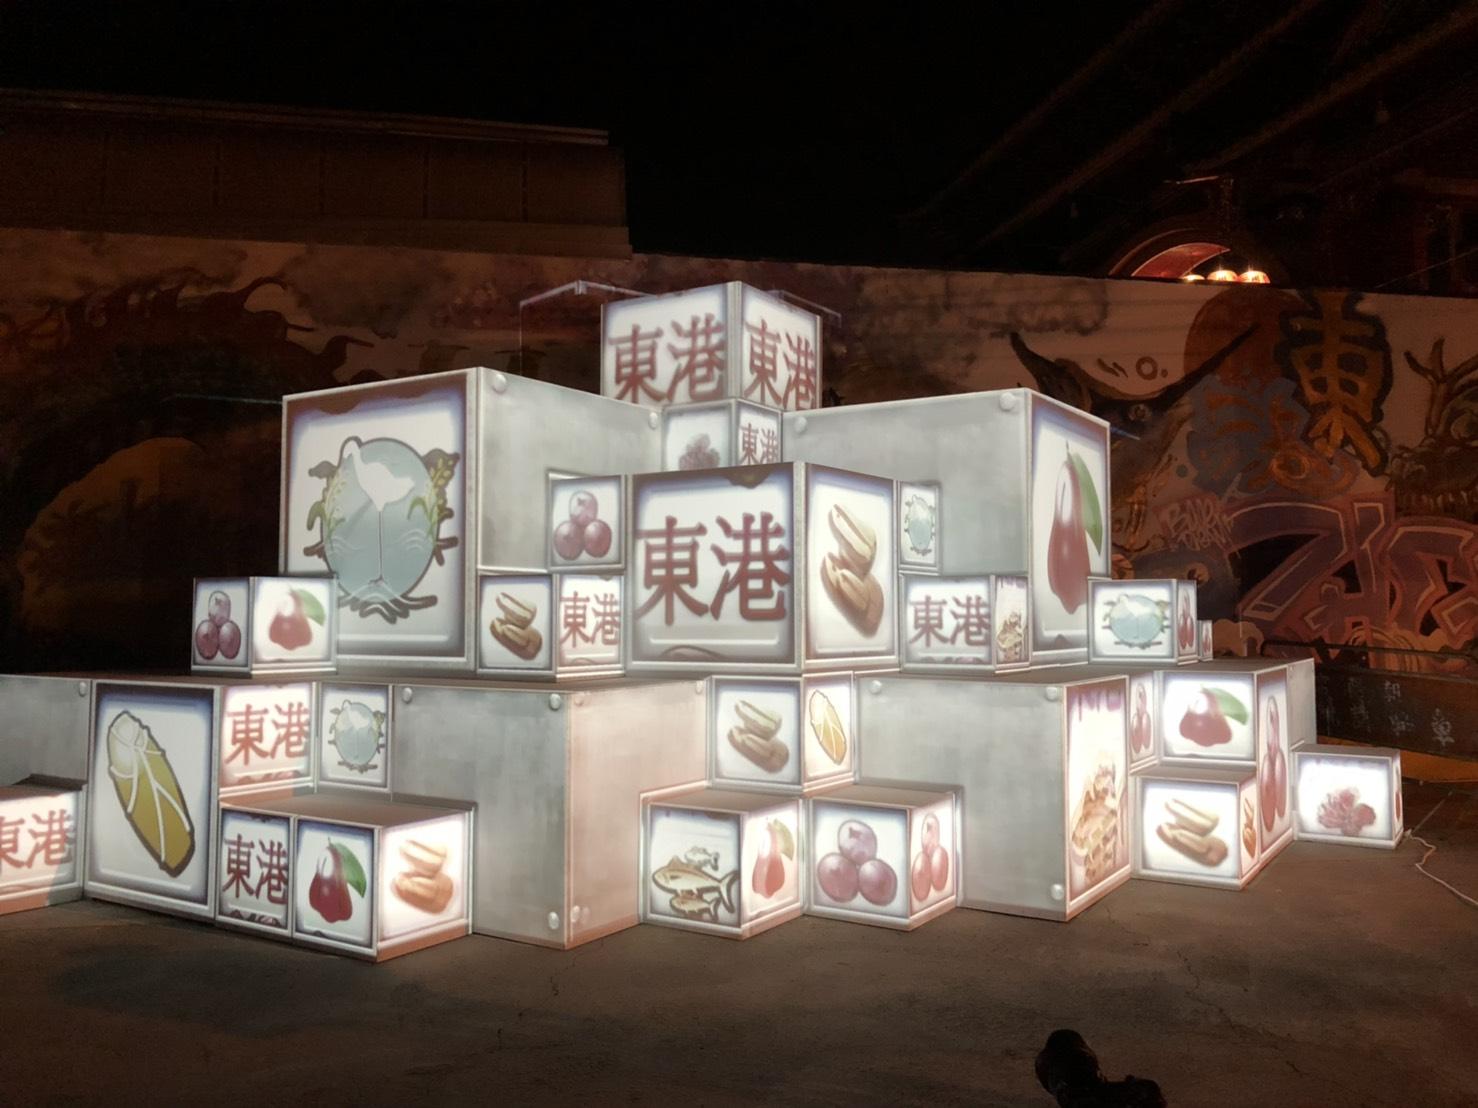 小鎮燈區在延平老街以尋光陰為主題展演「光盒子」燈光藝術。圖:屏東縣政府/提供